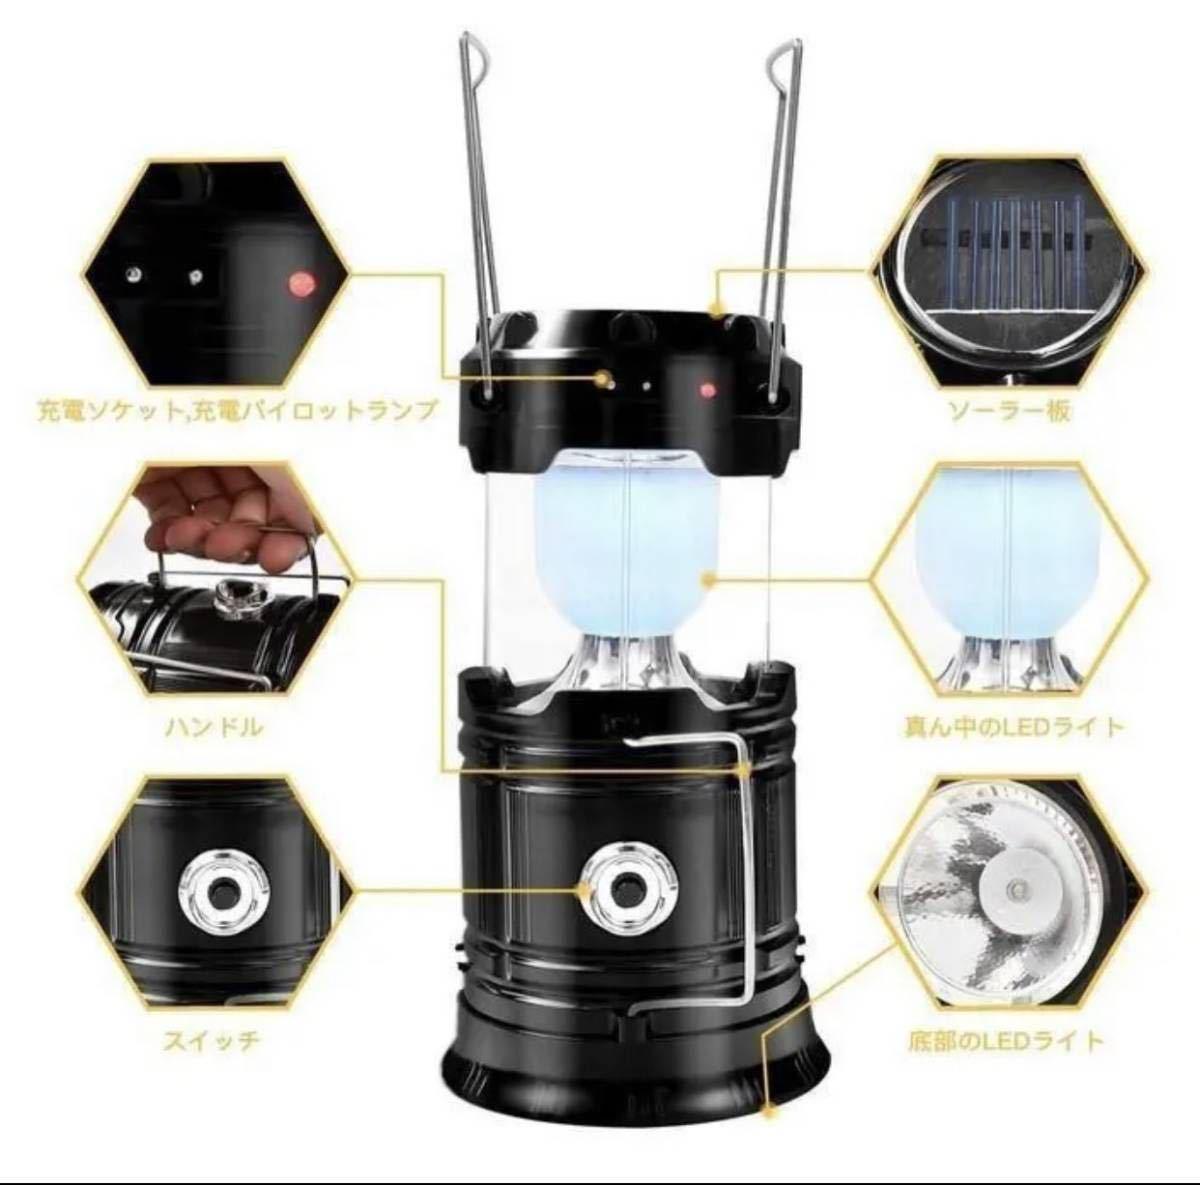 送料無料(ブラック) LEDランタン 懐中電灯 ソーラーパネル搭載 ソーラー充電 usb充電式 2in1給電方法 防災 携帯式 ポータブル